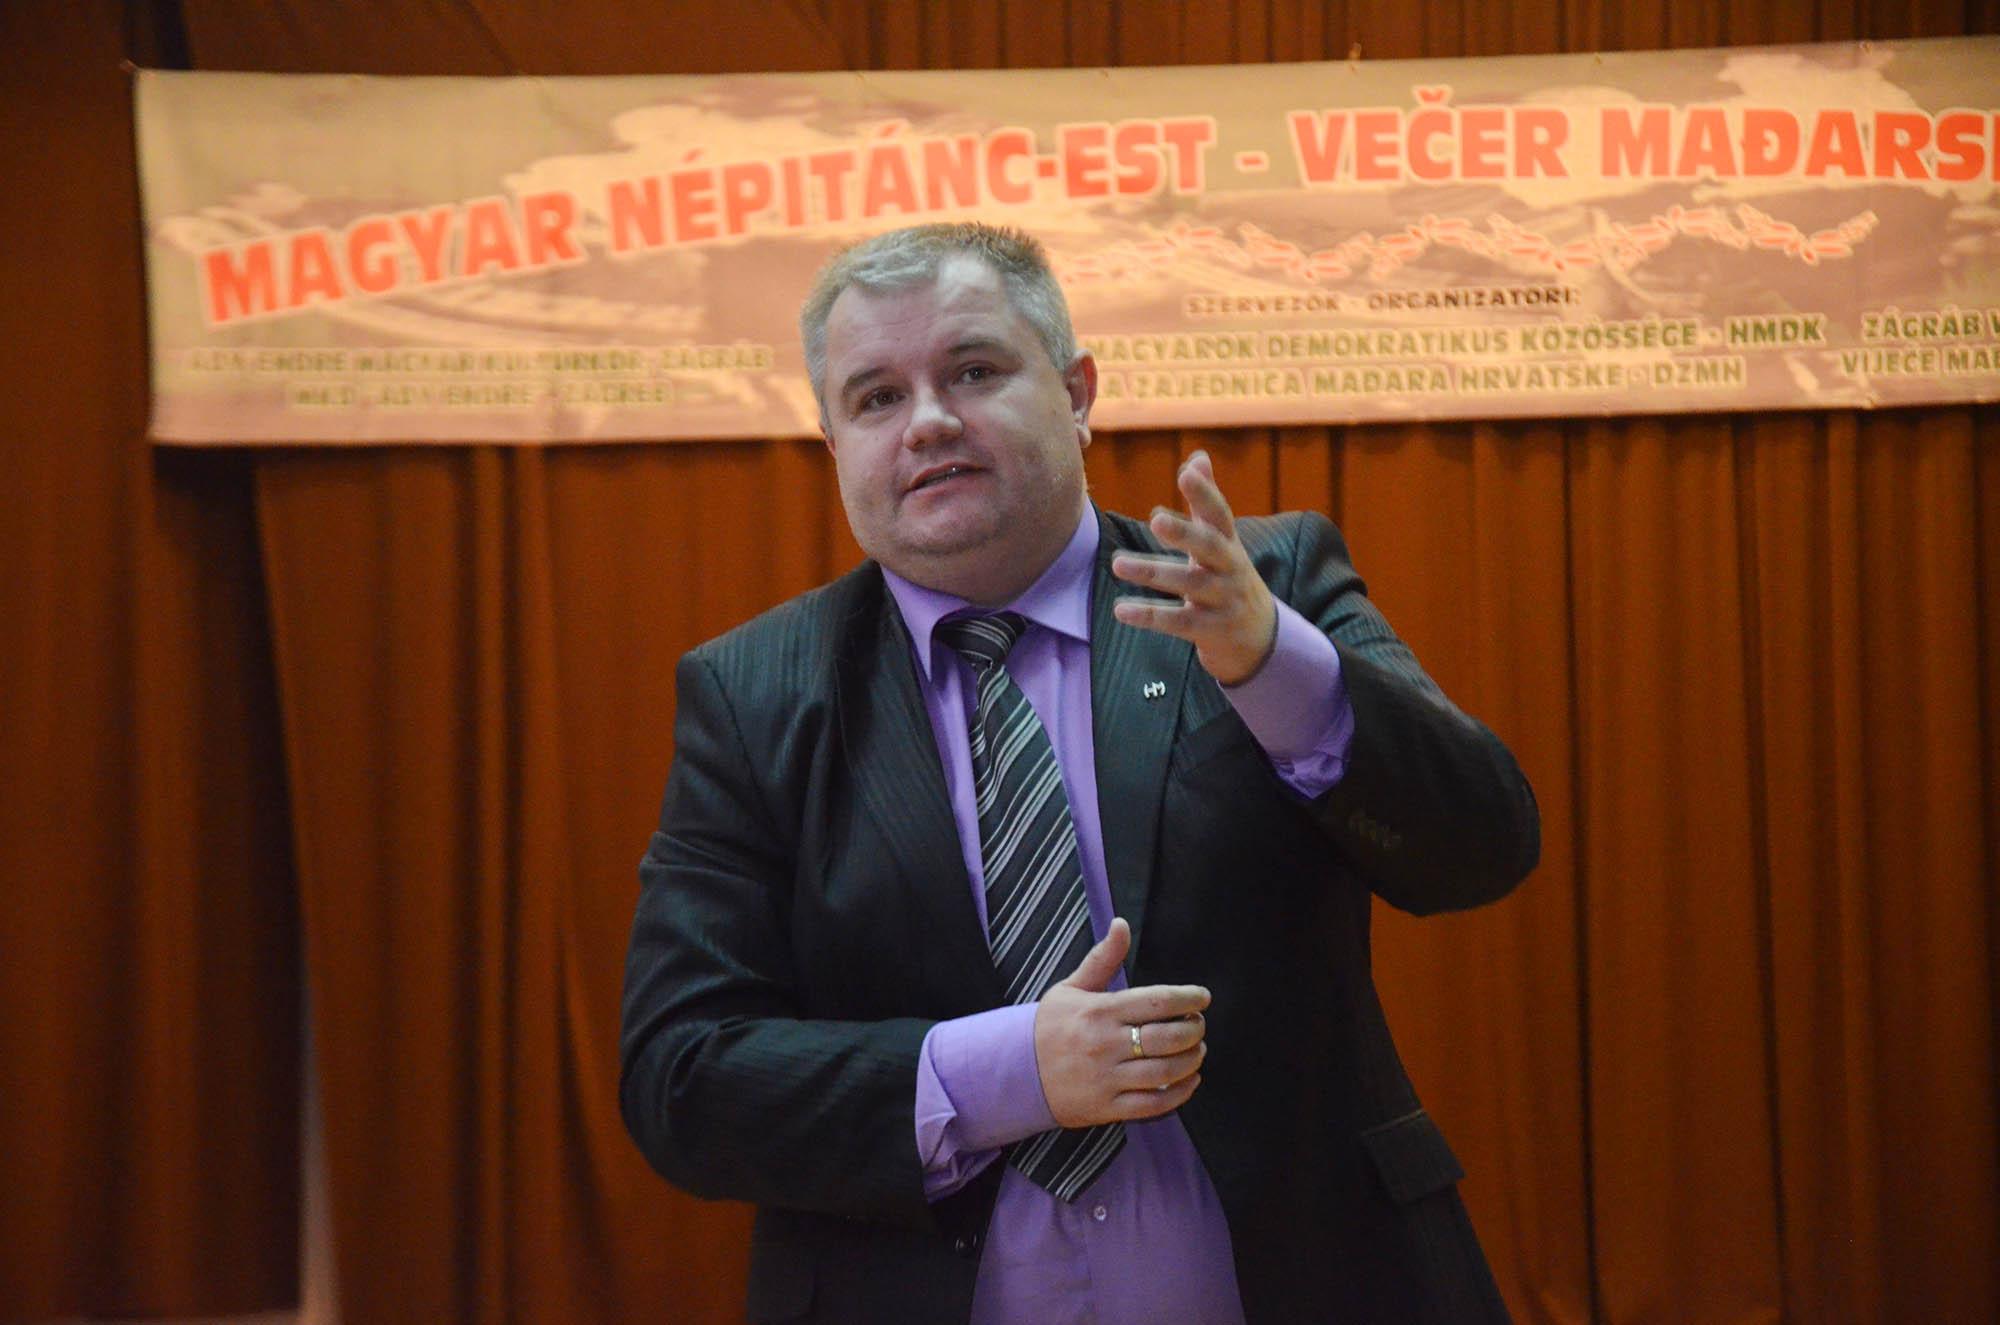 Vecer Madjarskkog Folklora (19)